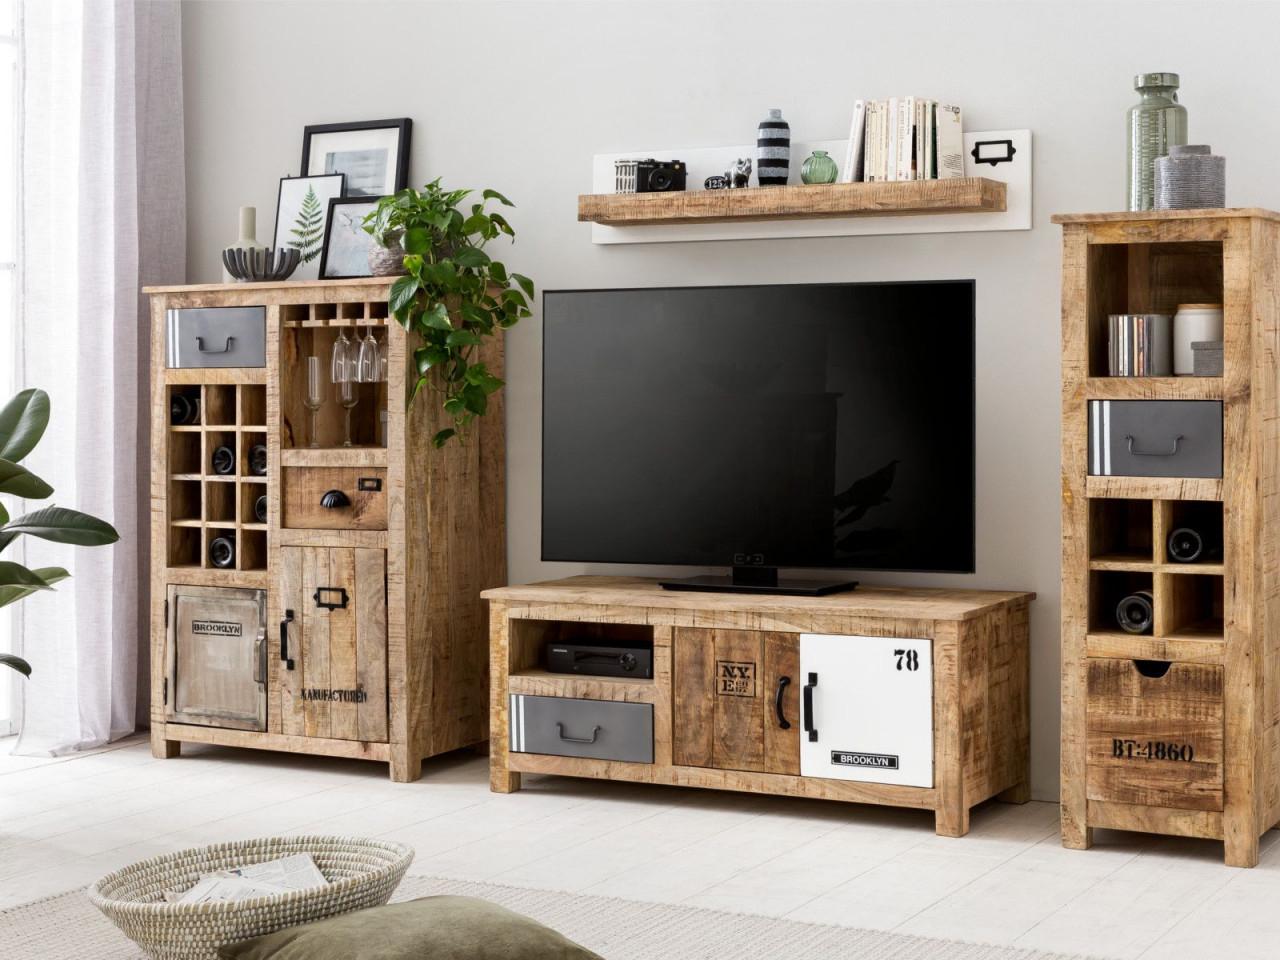 Wohnwand Pune  Einrichtungsideen Wohnzimmer Rustikal Holz von Wohnzimmer Holz Ideen Bild